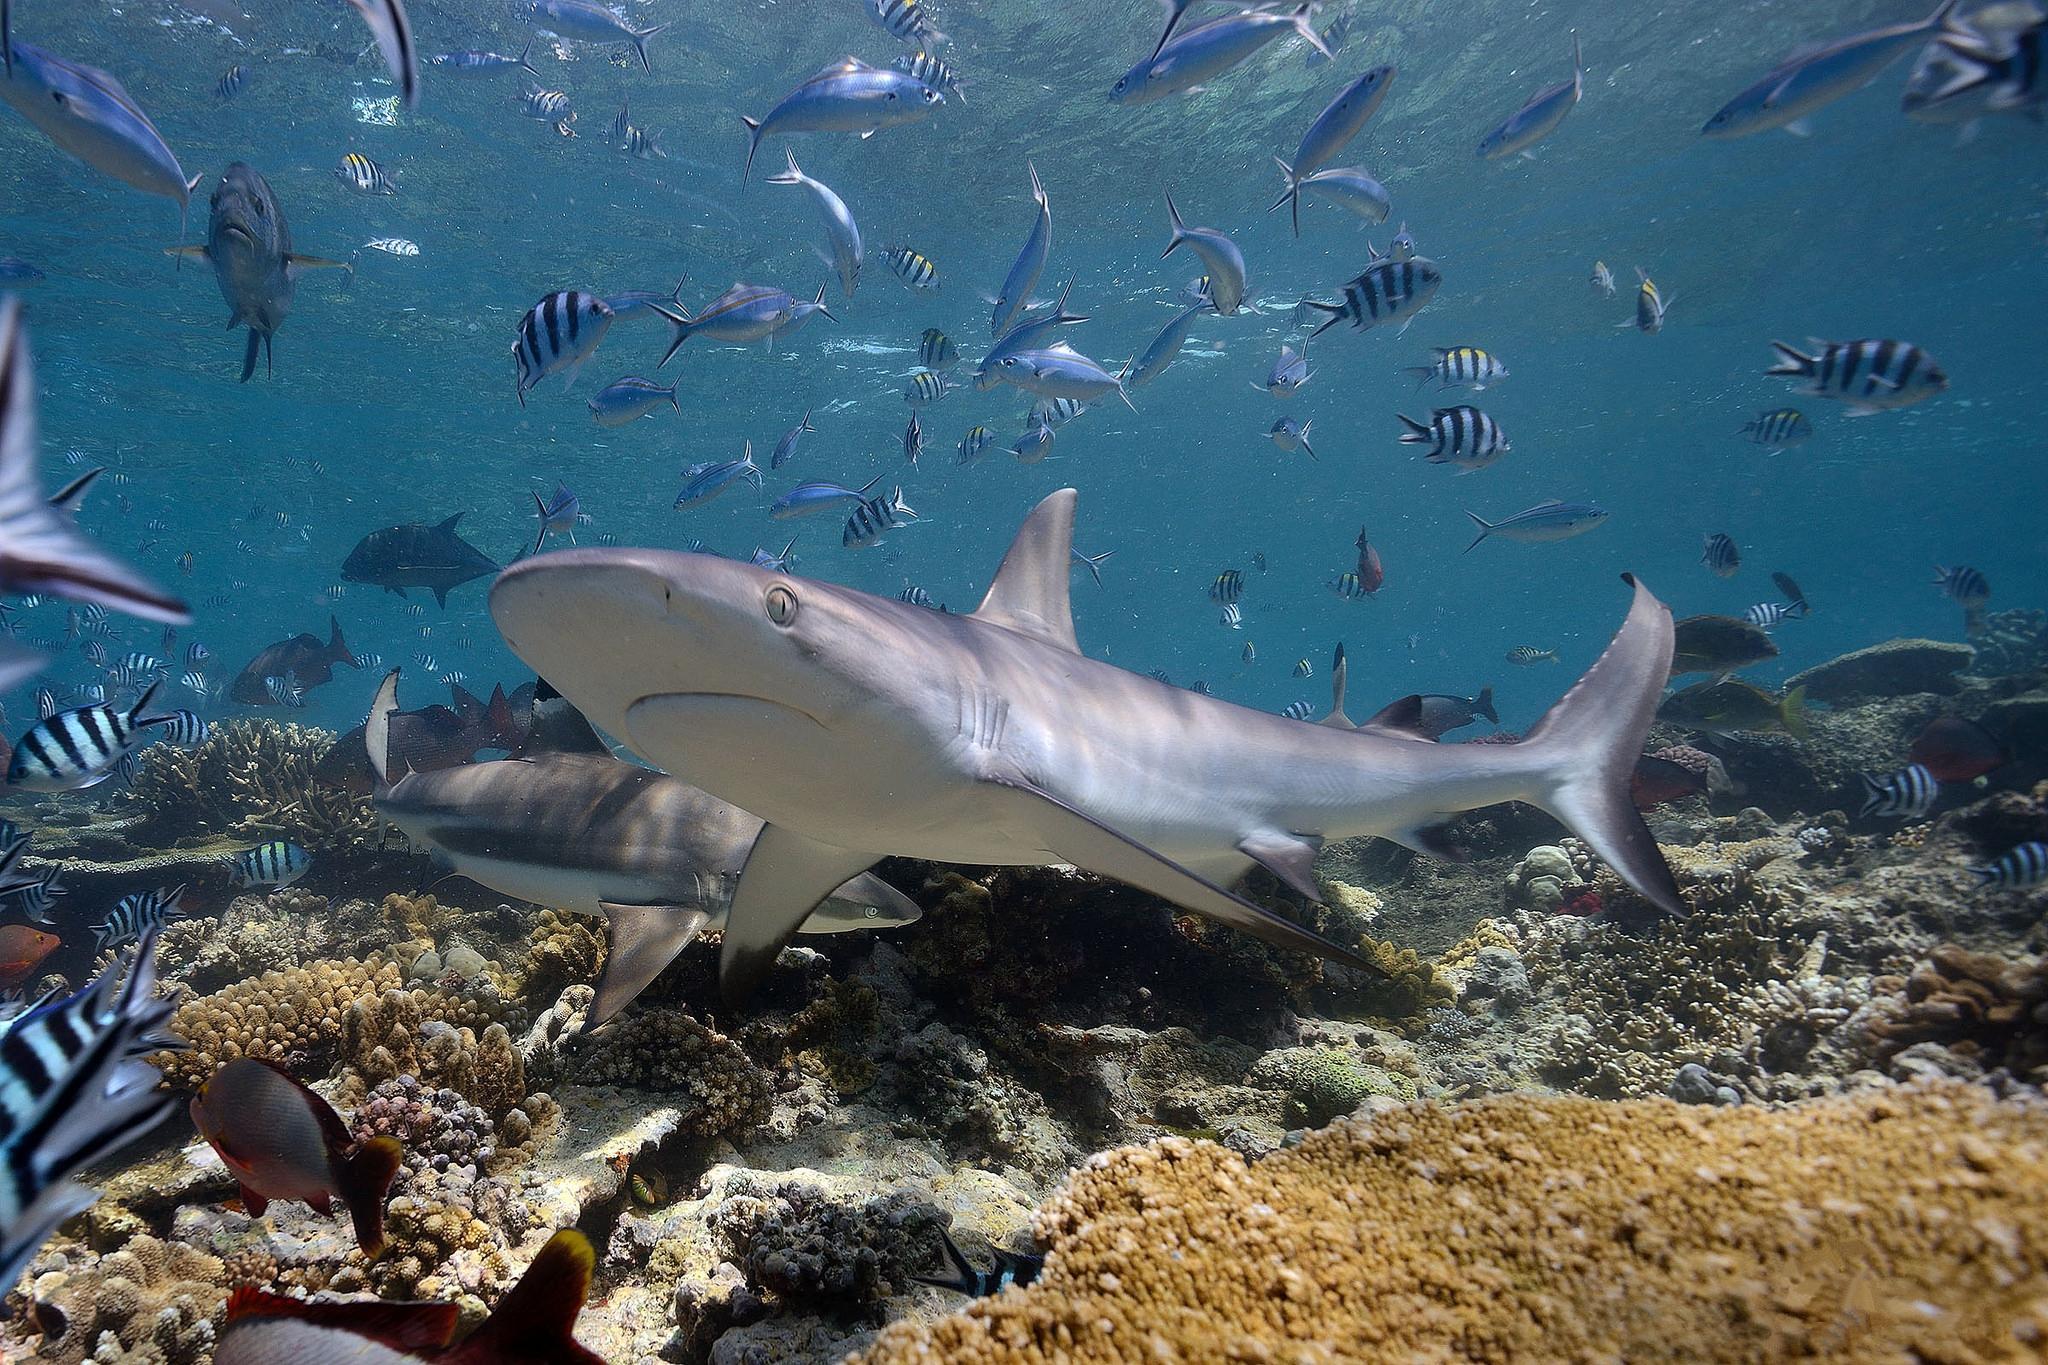 Реальные фото акул в океане